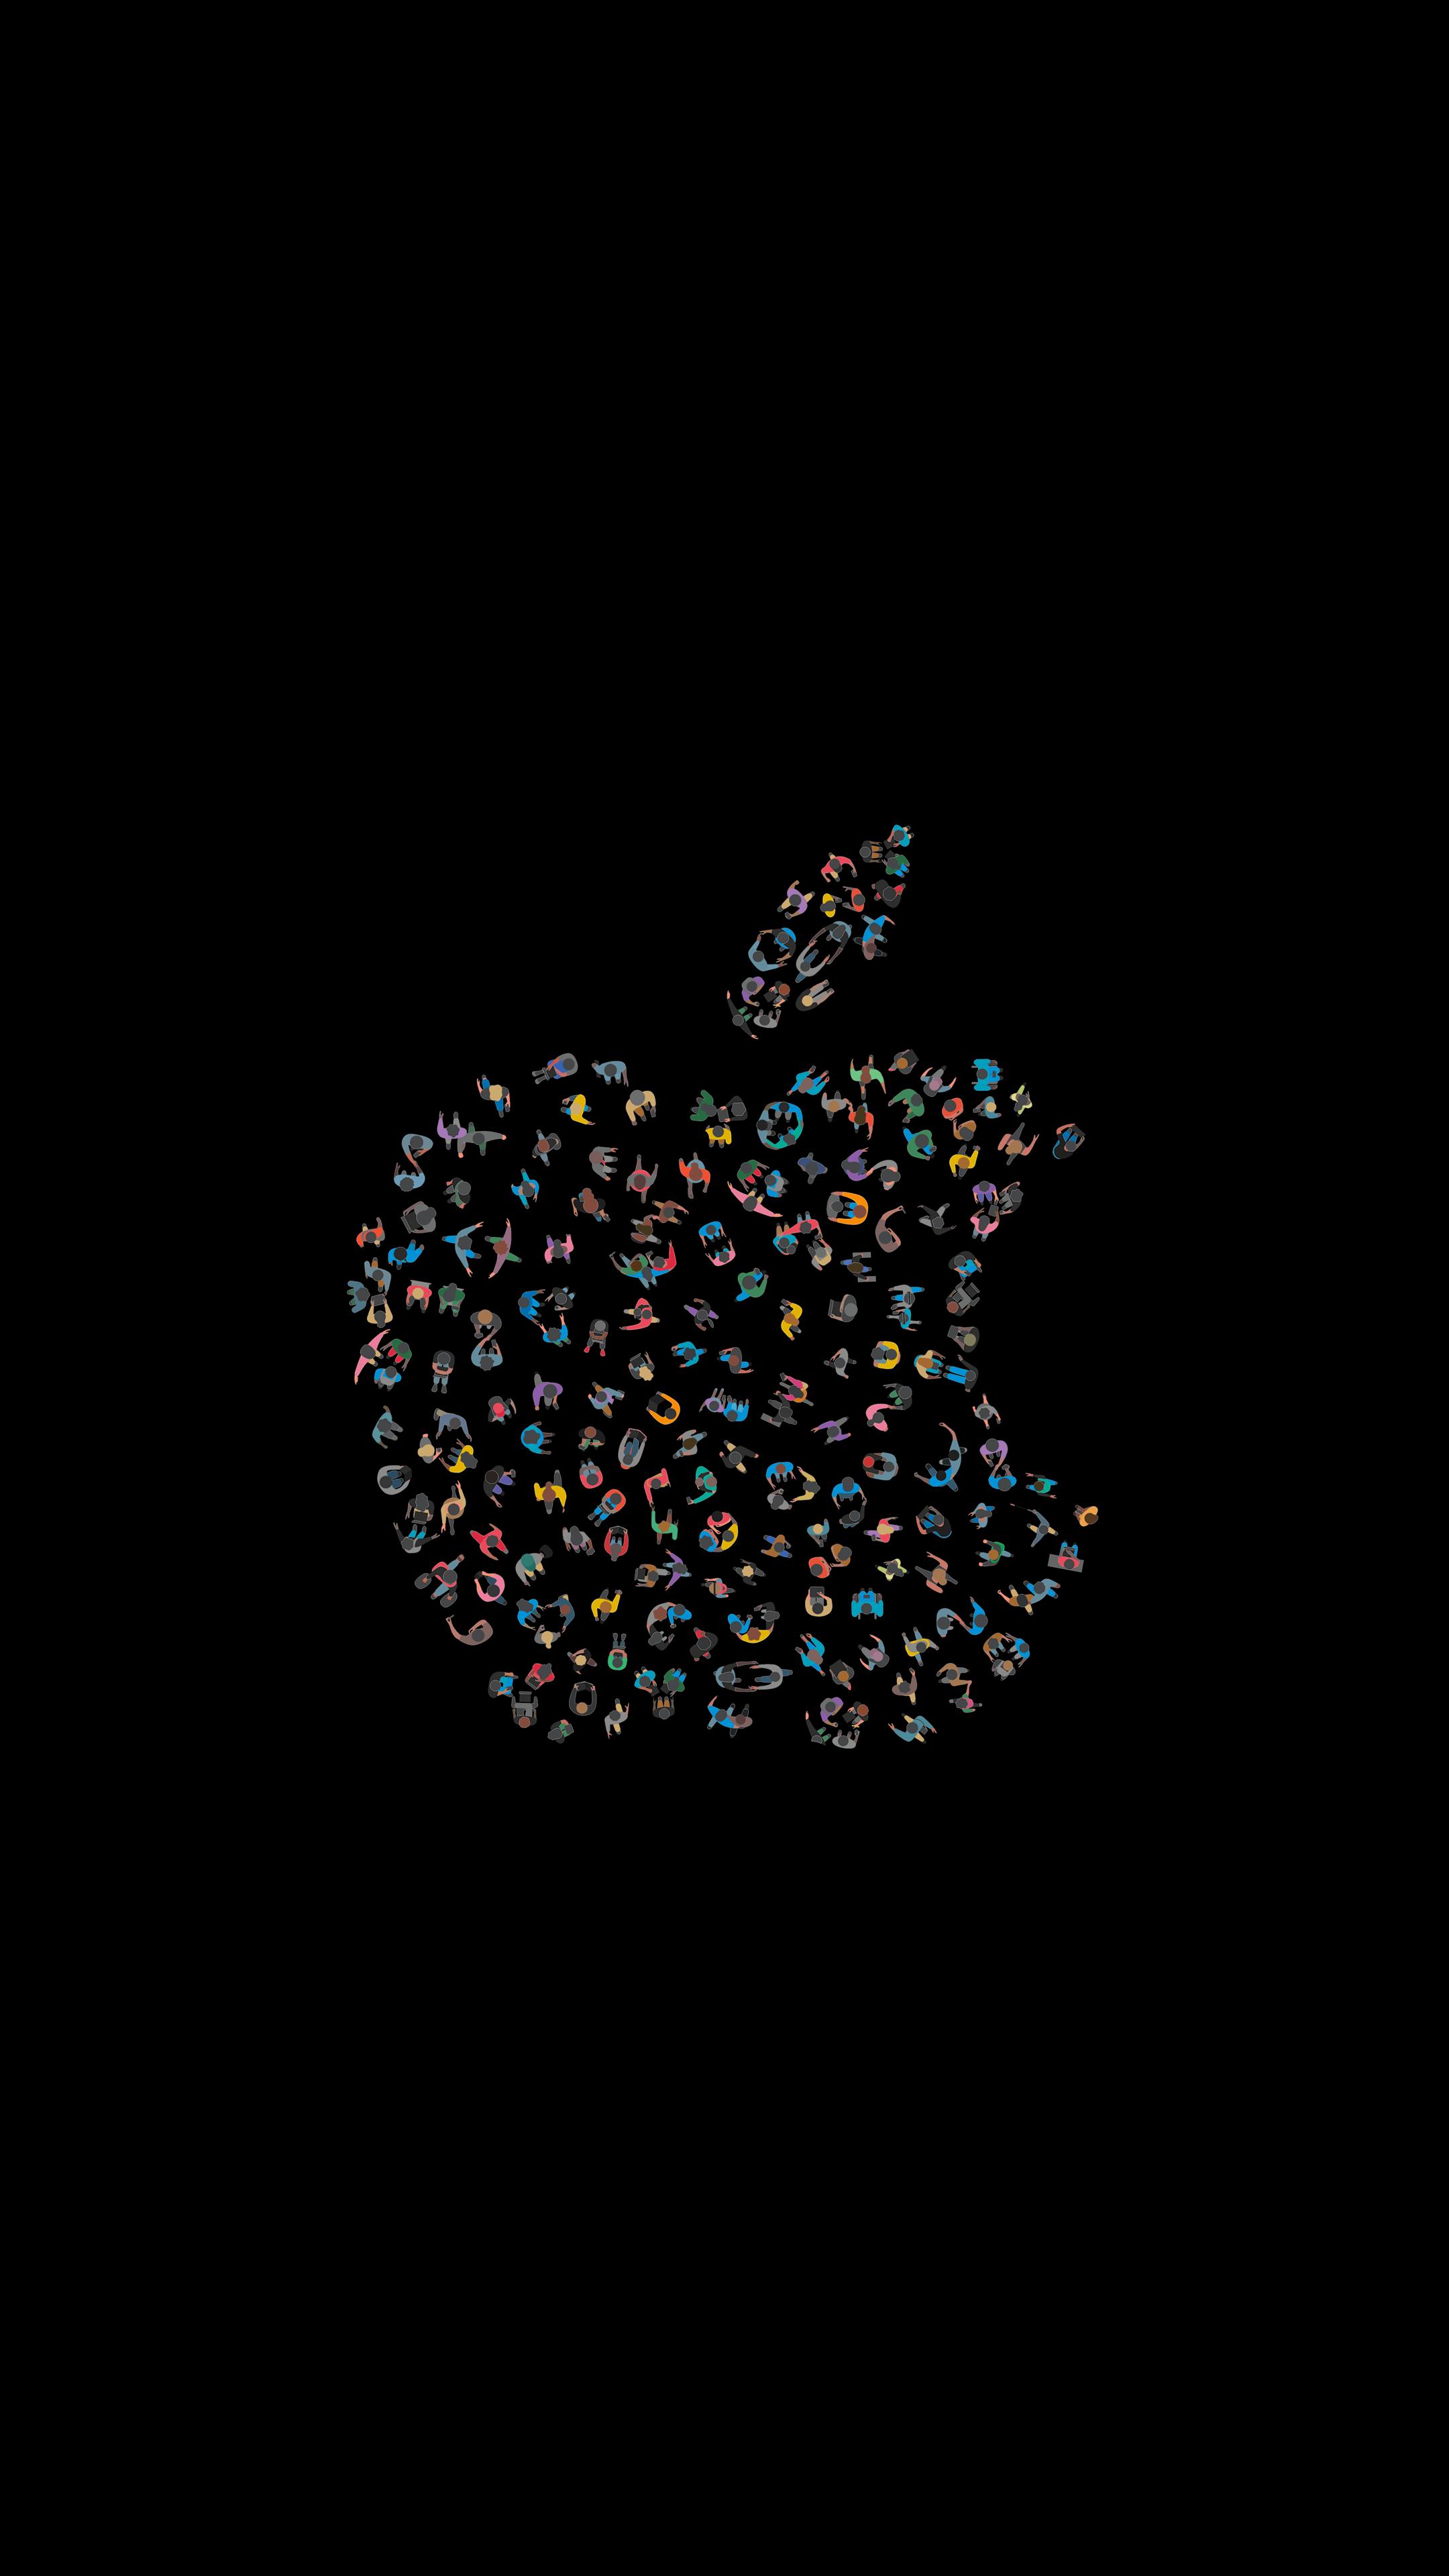 Célèbre 9 fonds d'écran WWDC 2017 pour iPhone et iPad WV83